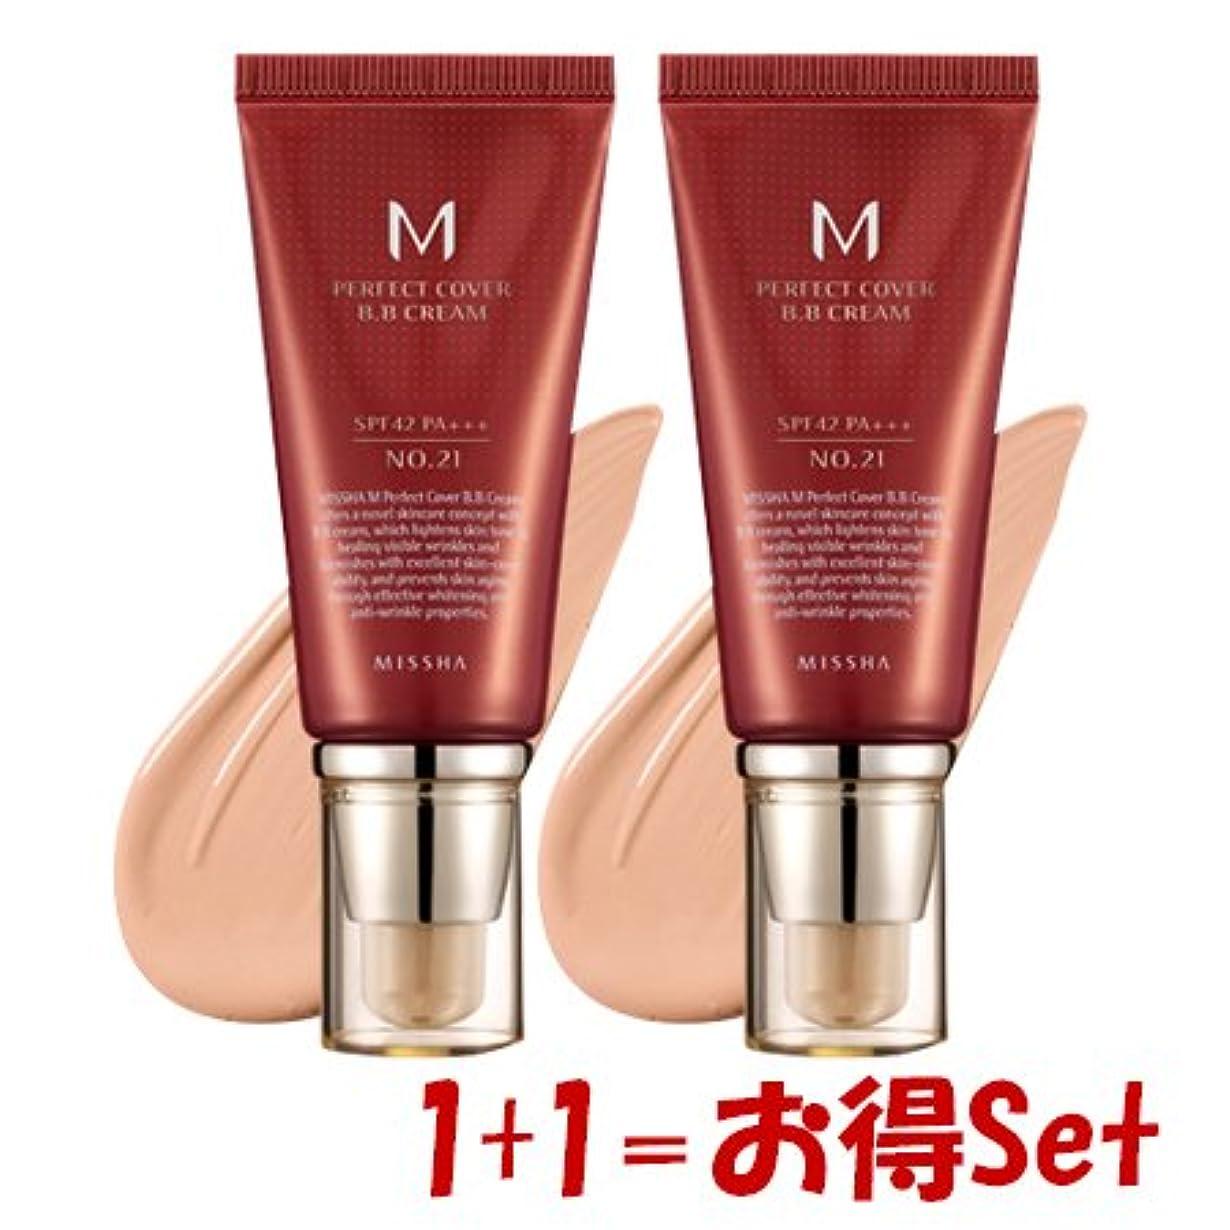 偶然の間で連邦MISSHA(ミシャ) M Perfect Cover パーフェクトカバーBBクリーム 21号+ 21号(1+1=Set) [並行輸入品]